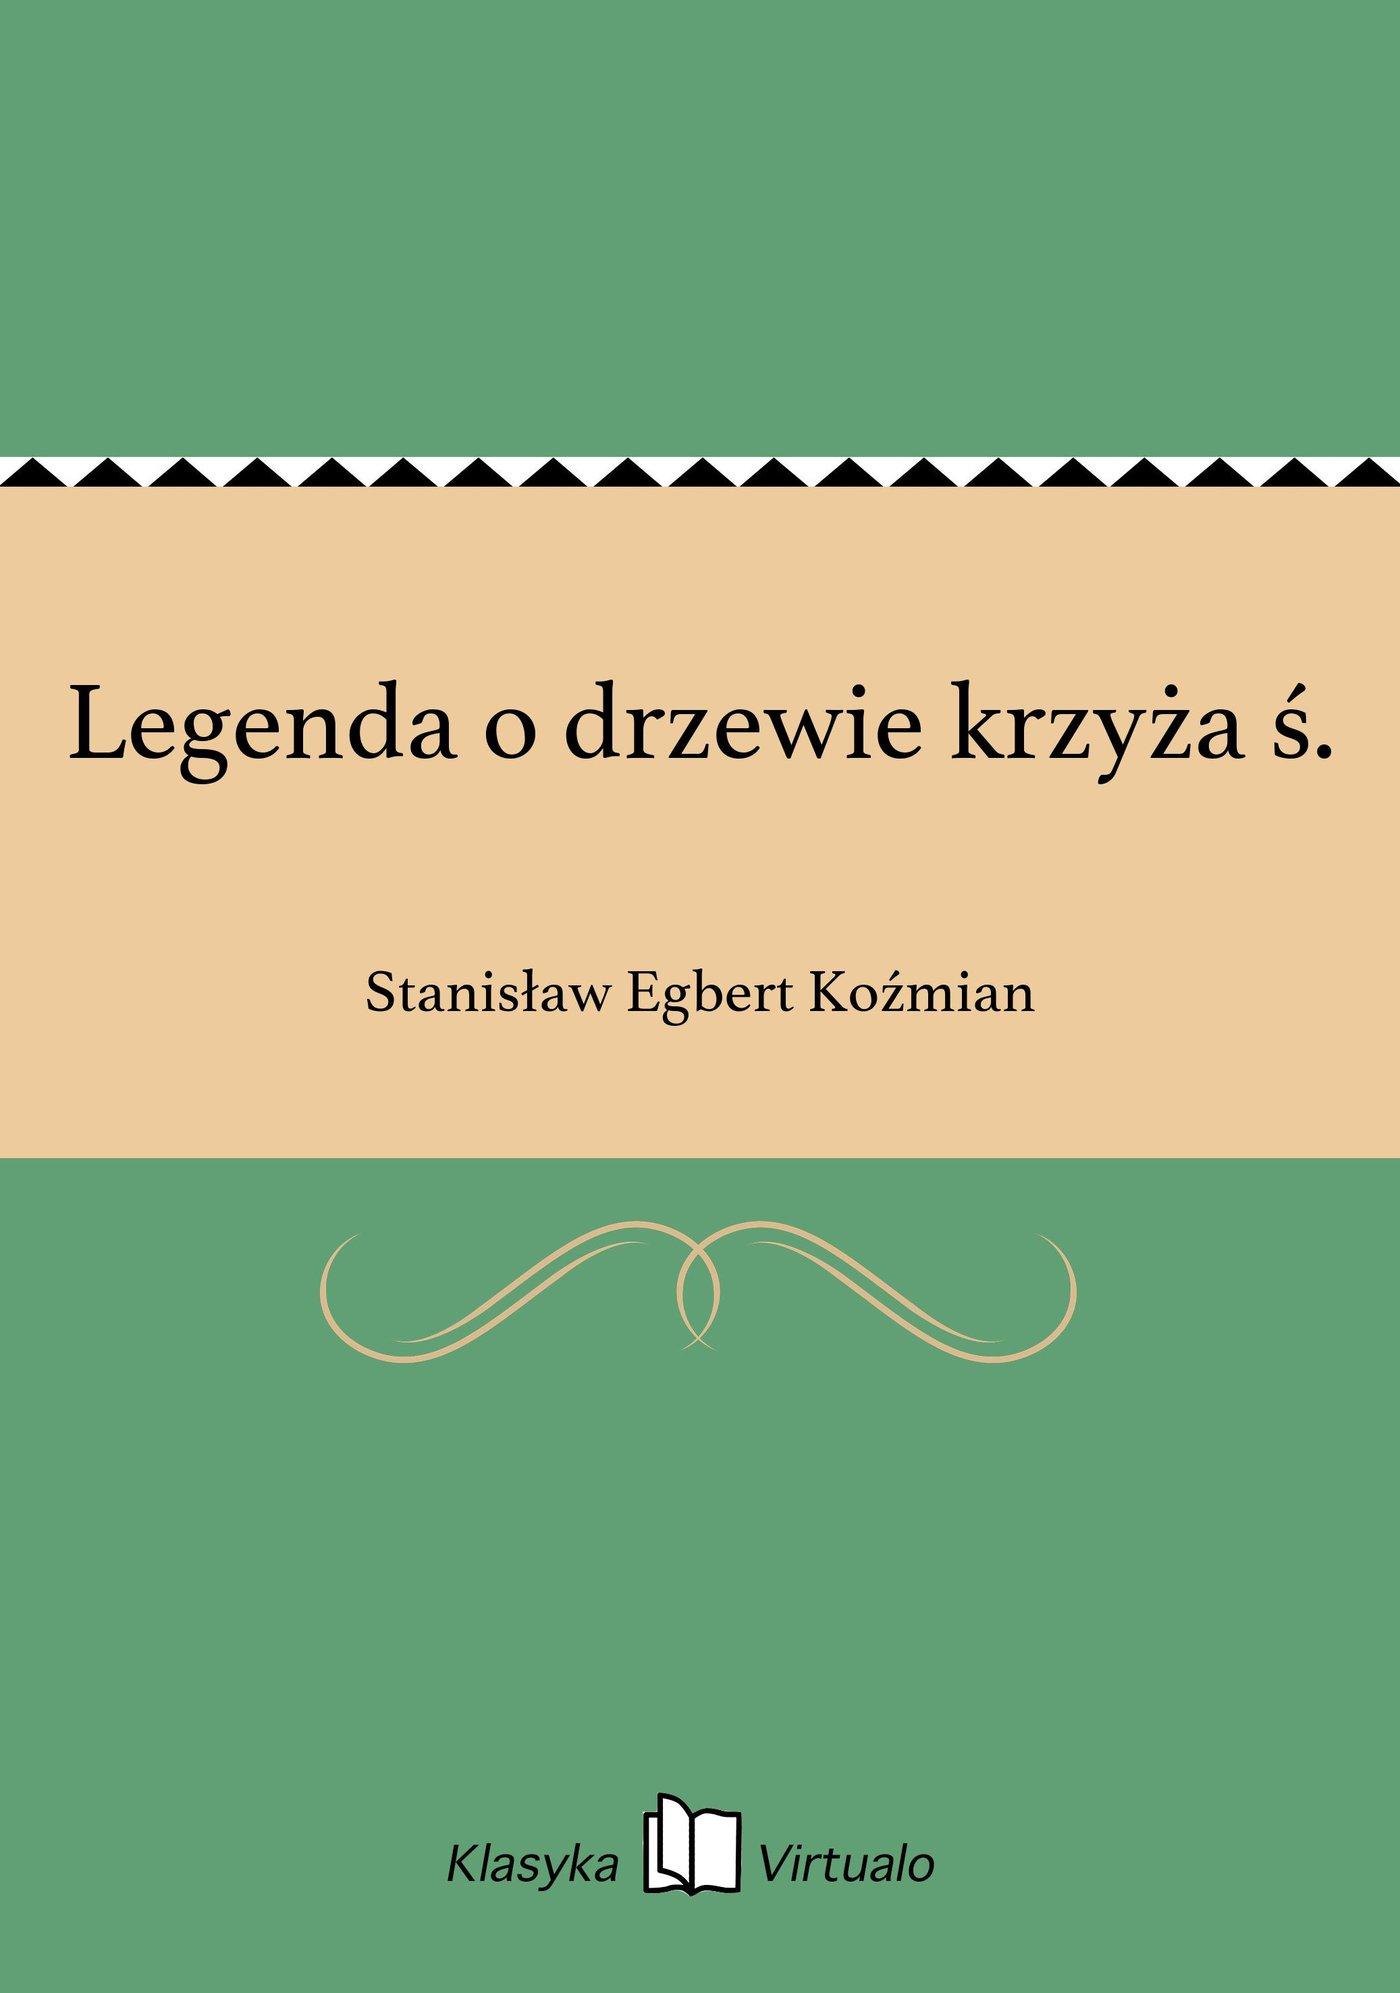 Legenda o drzewie krzyża ś. - Ebook (Książka EPUB) do pobrania w formacie EPUB